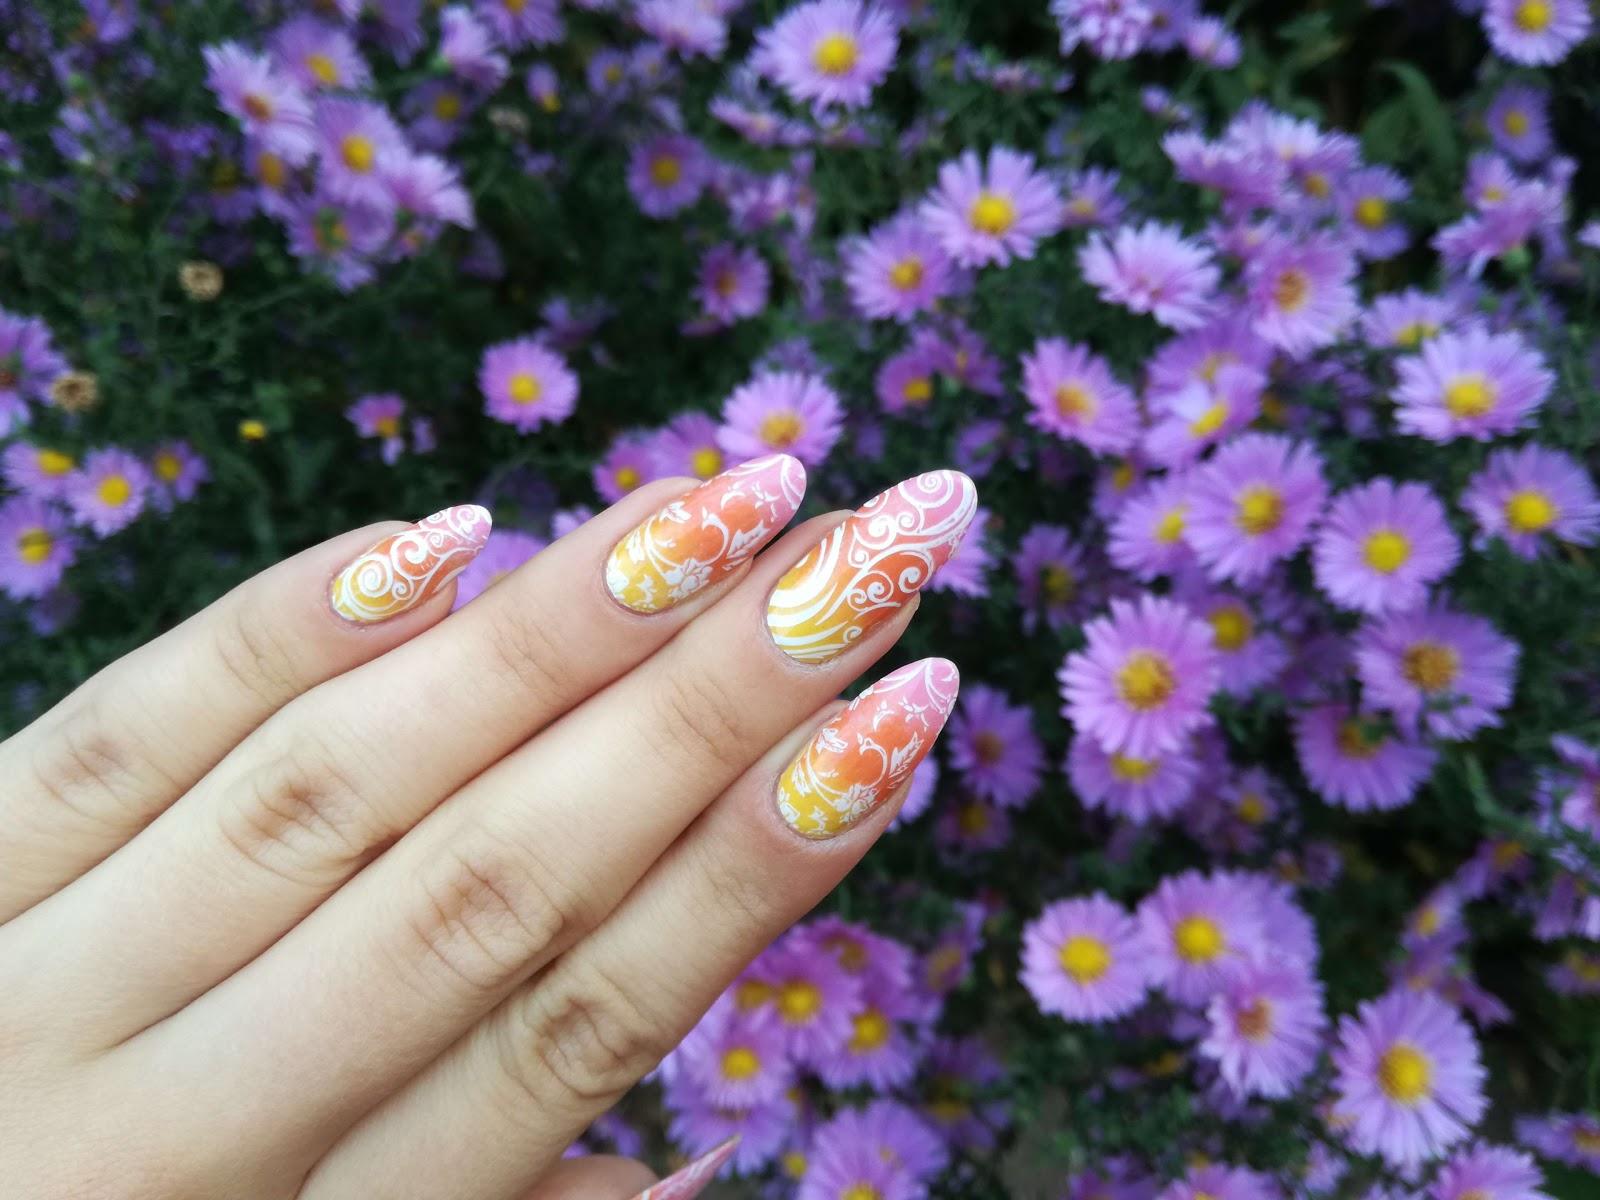 paznokcie i kwiaty w tle